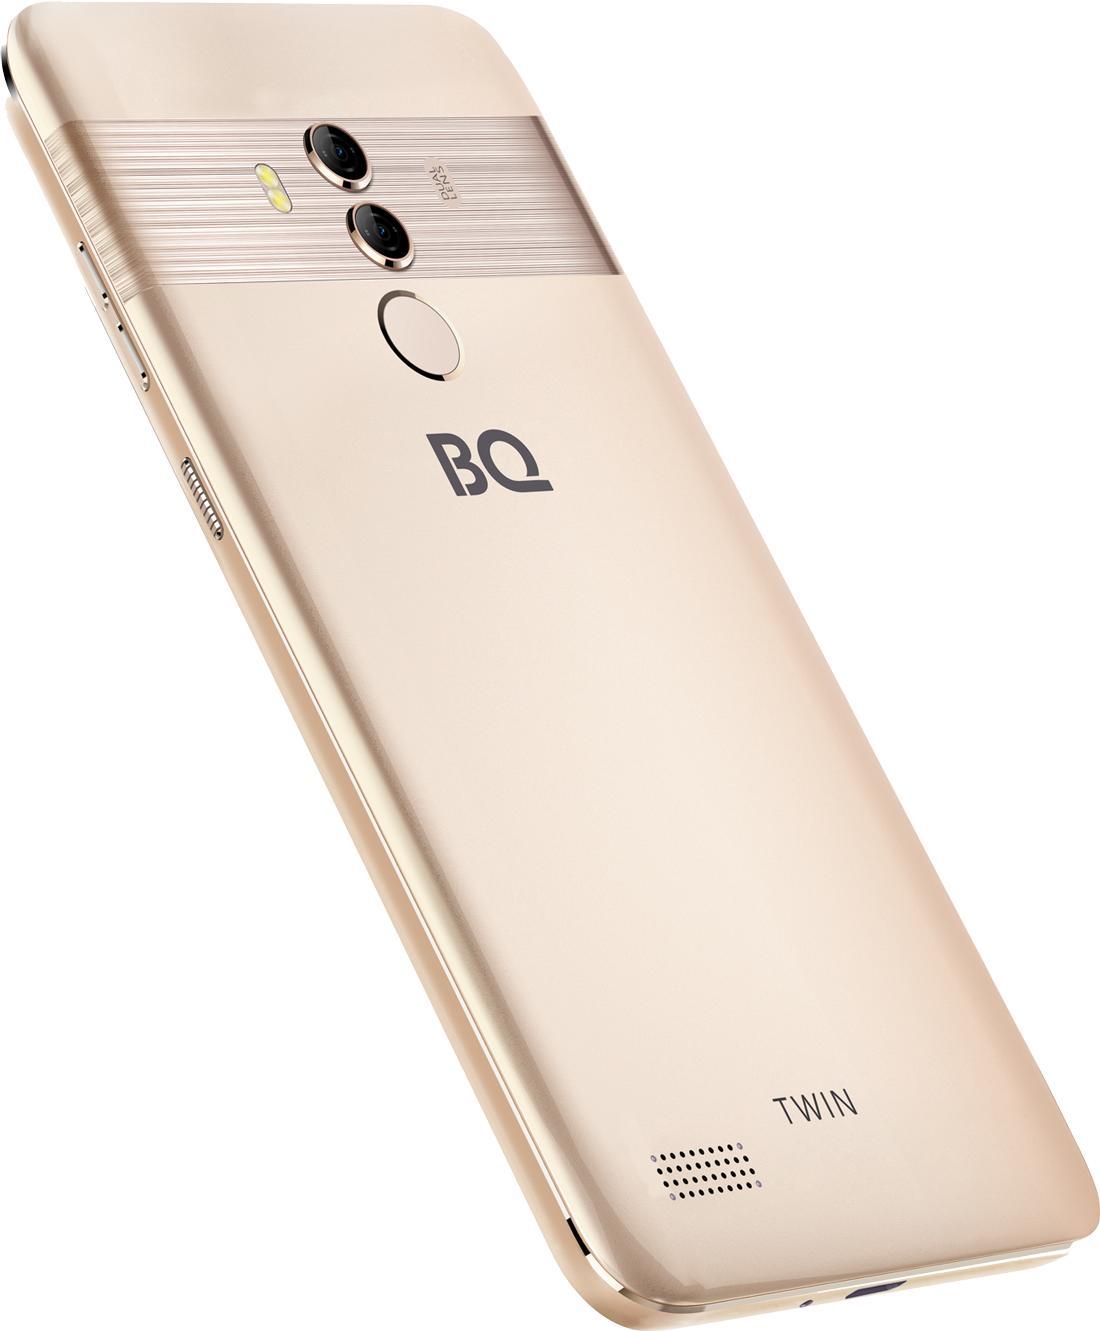 ВРоссии появился смартфон BQTwin (BQ-5516L Twin) за7990 рублей